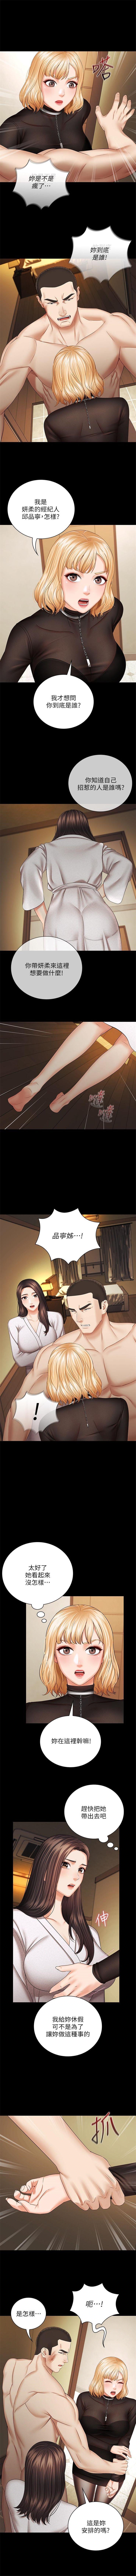 妹妹的義務 1-38 官方中文(連載中) 314